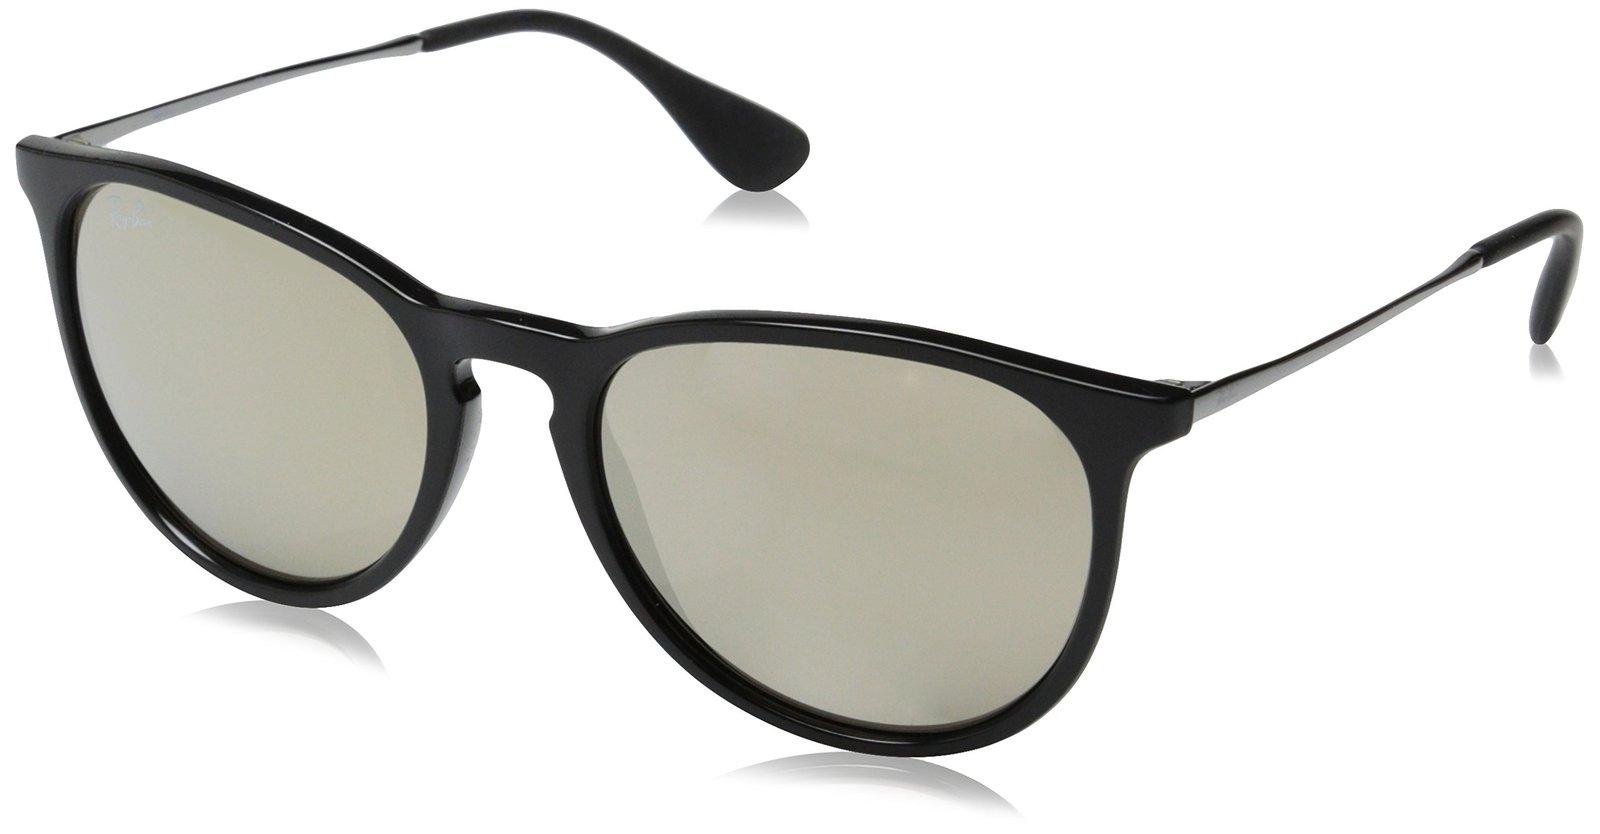 ray ban aviator sunglasses look alikes